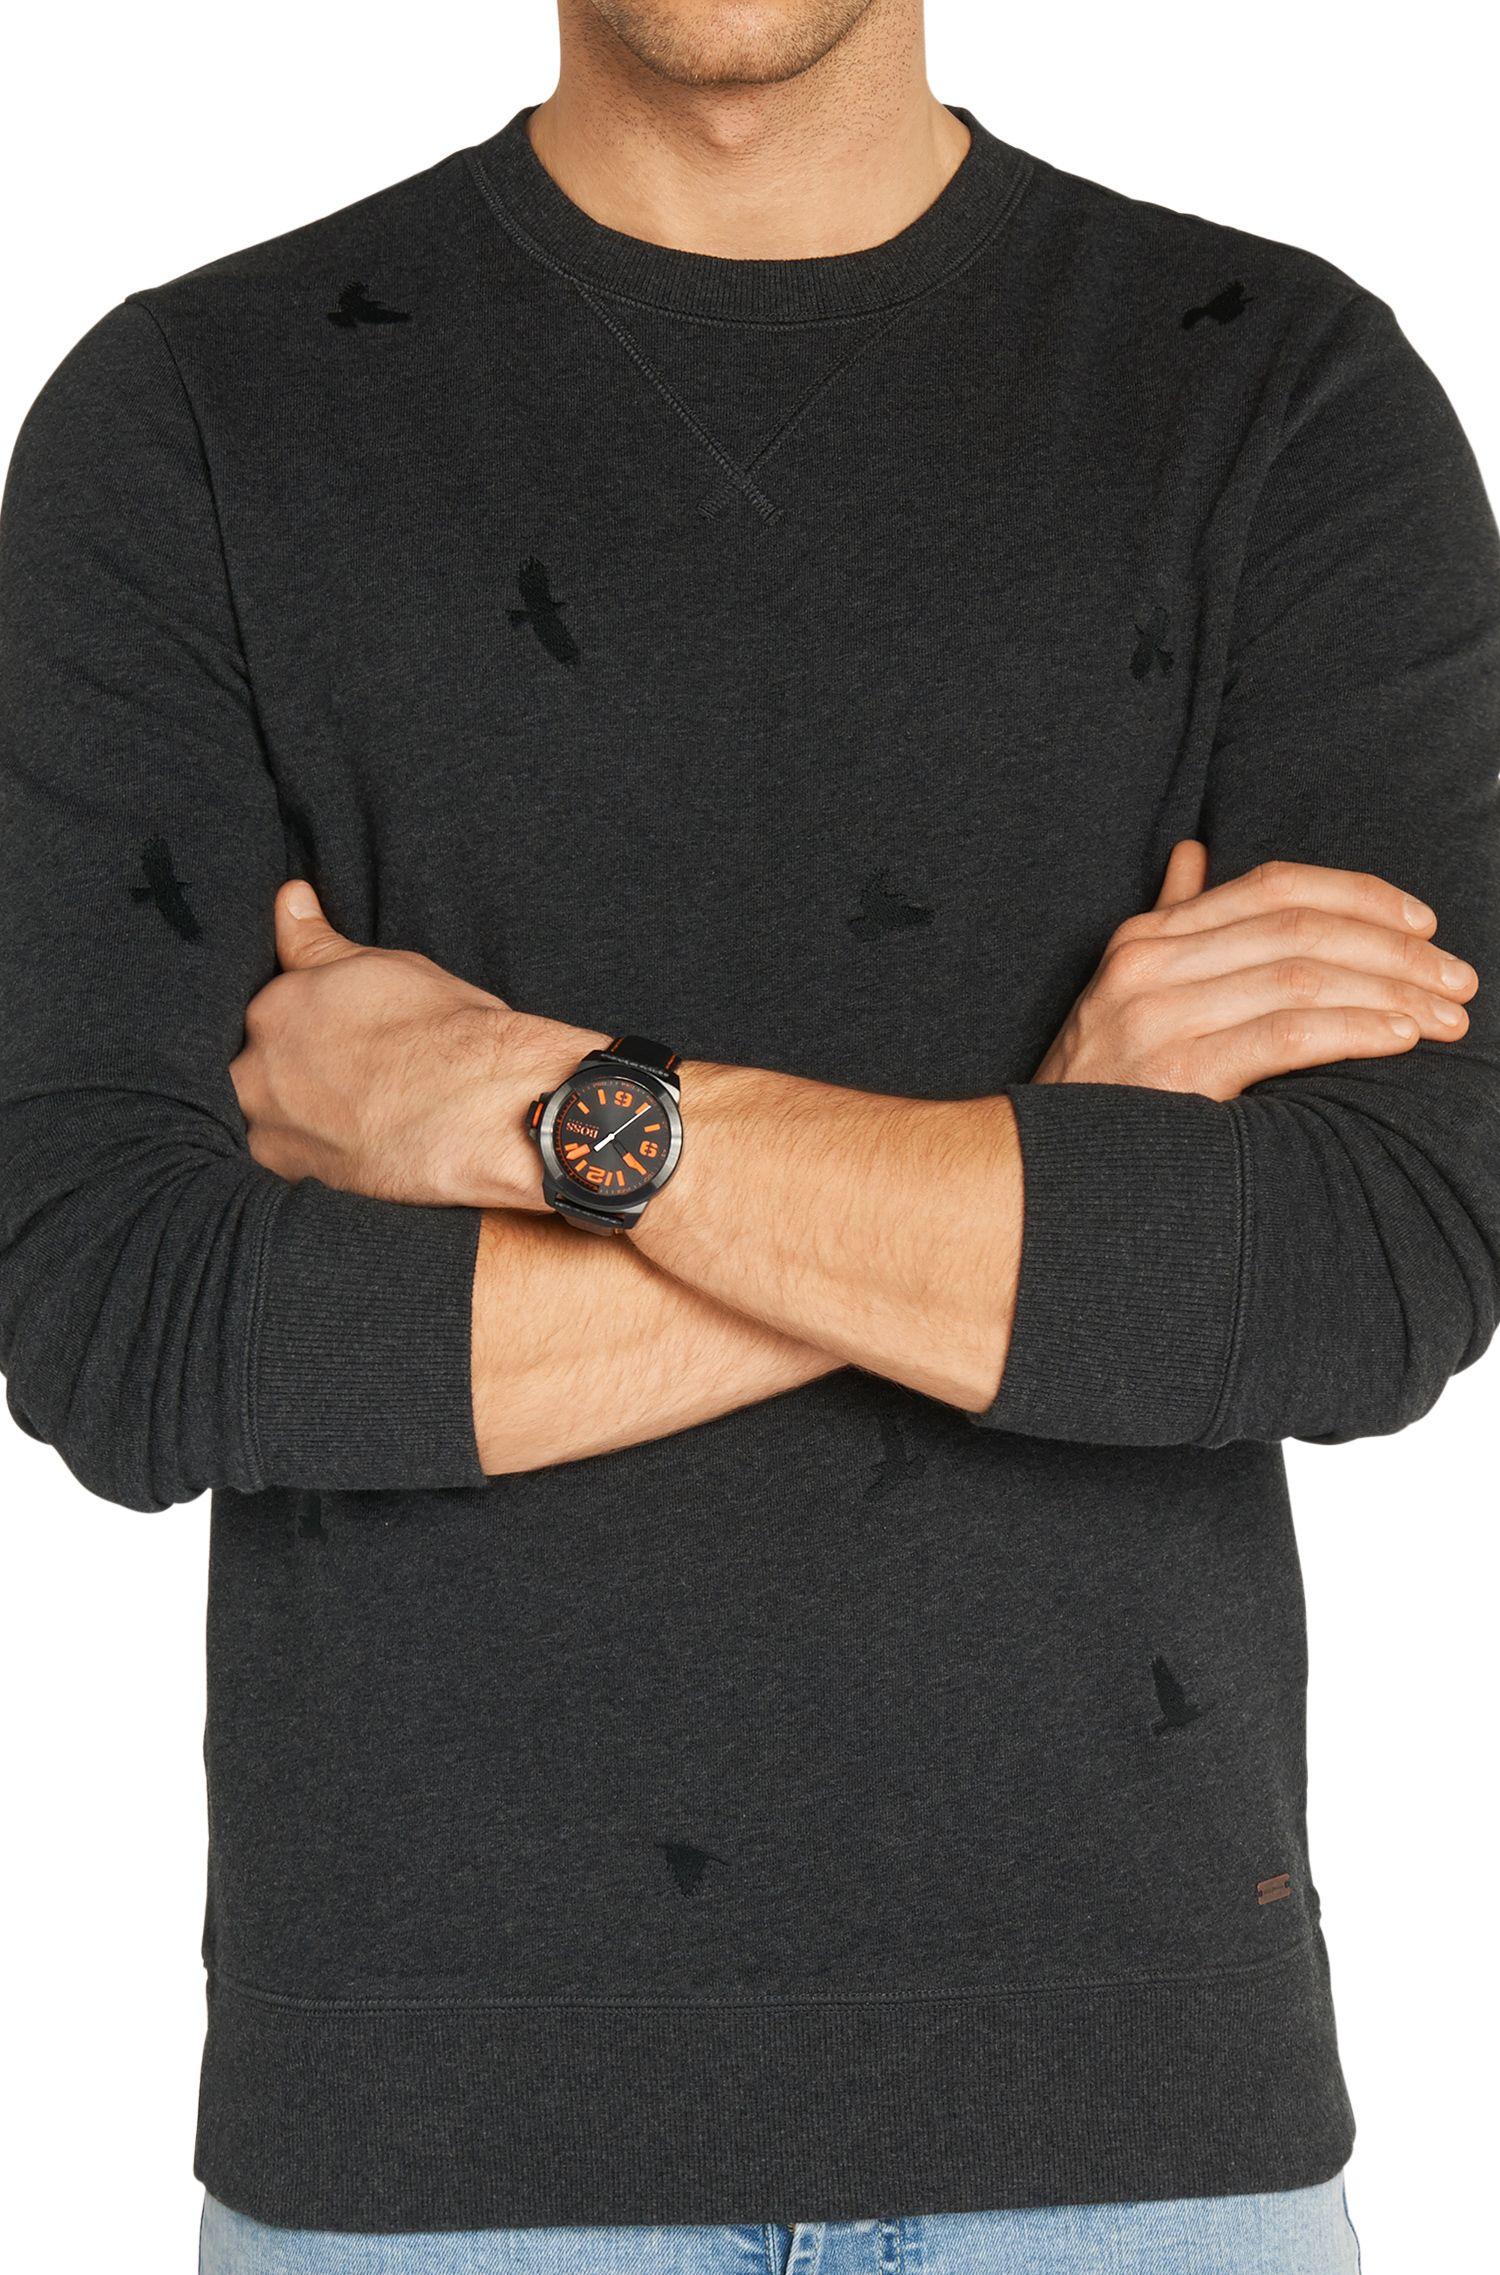 Armbanduhr mit Edelstahlgehäuse:'HB2381'